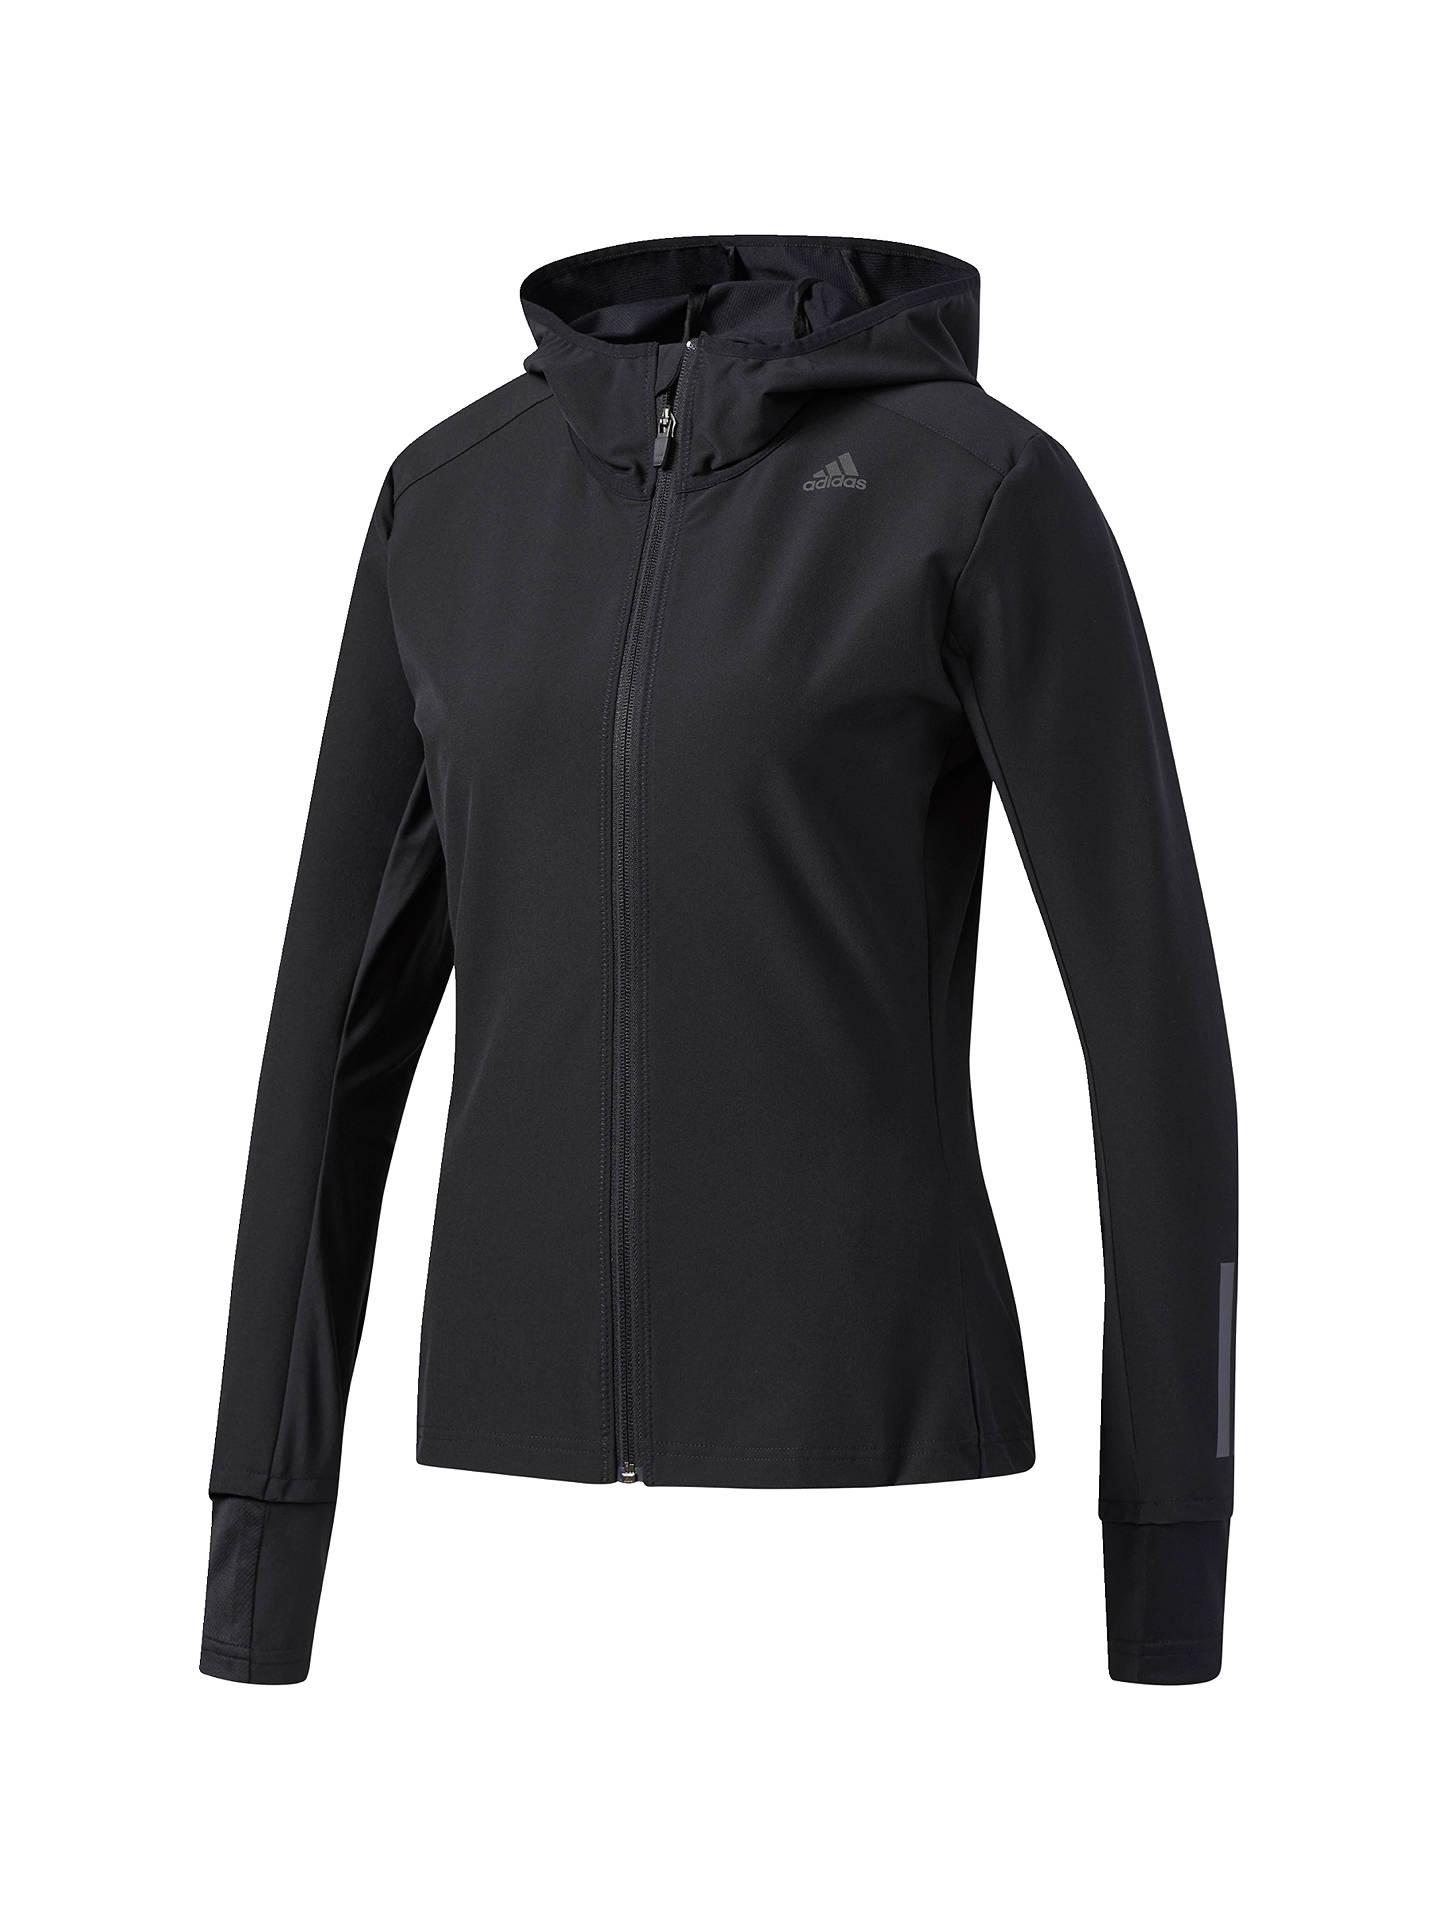 Sells virallinen käytettävissä adidas Response Soft Shell Running Jacket, Black at John ...